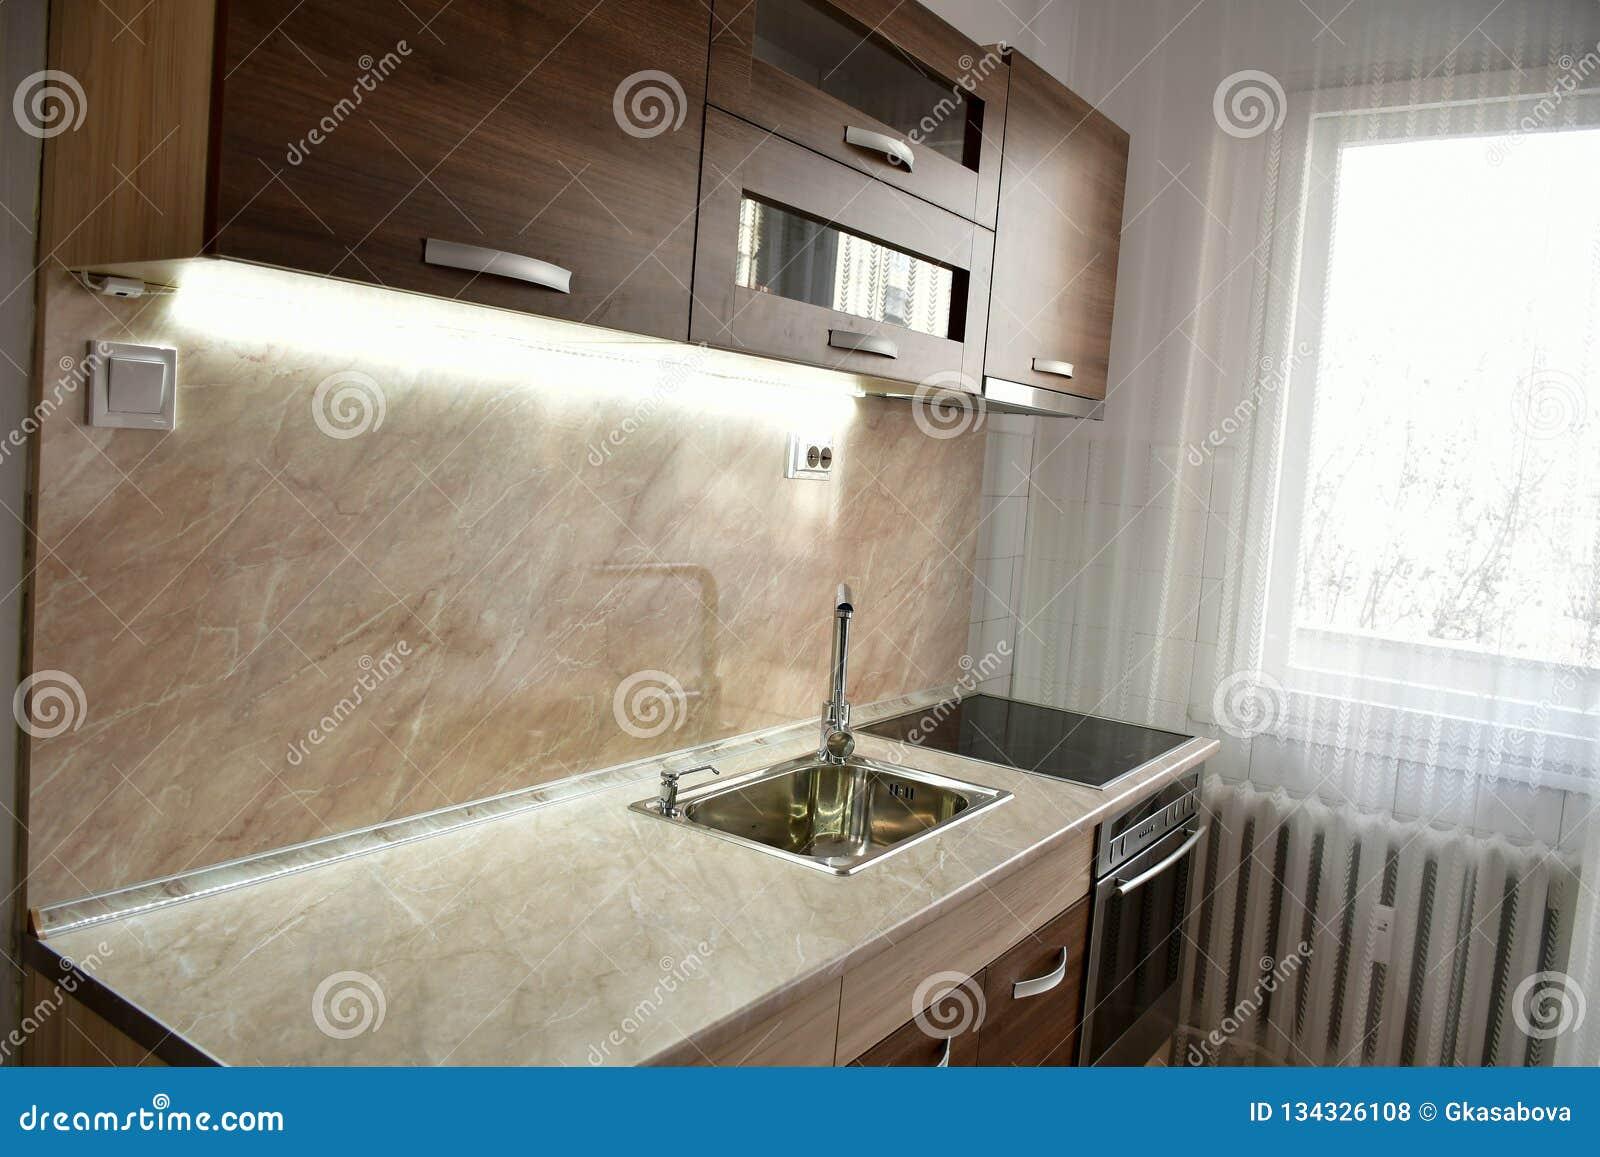 Modern wooden kitchen with lights